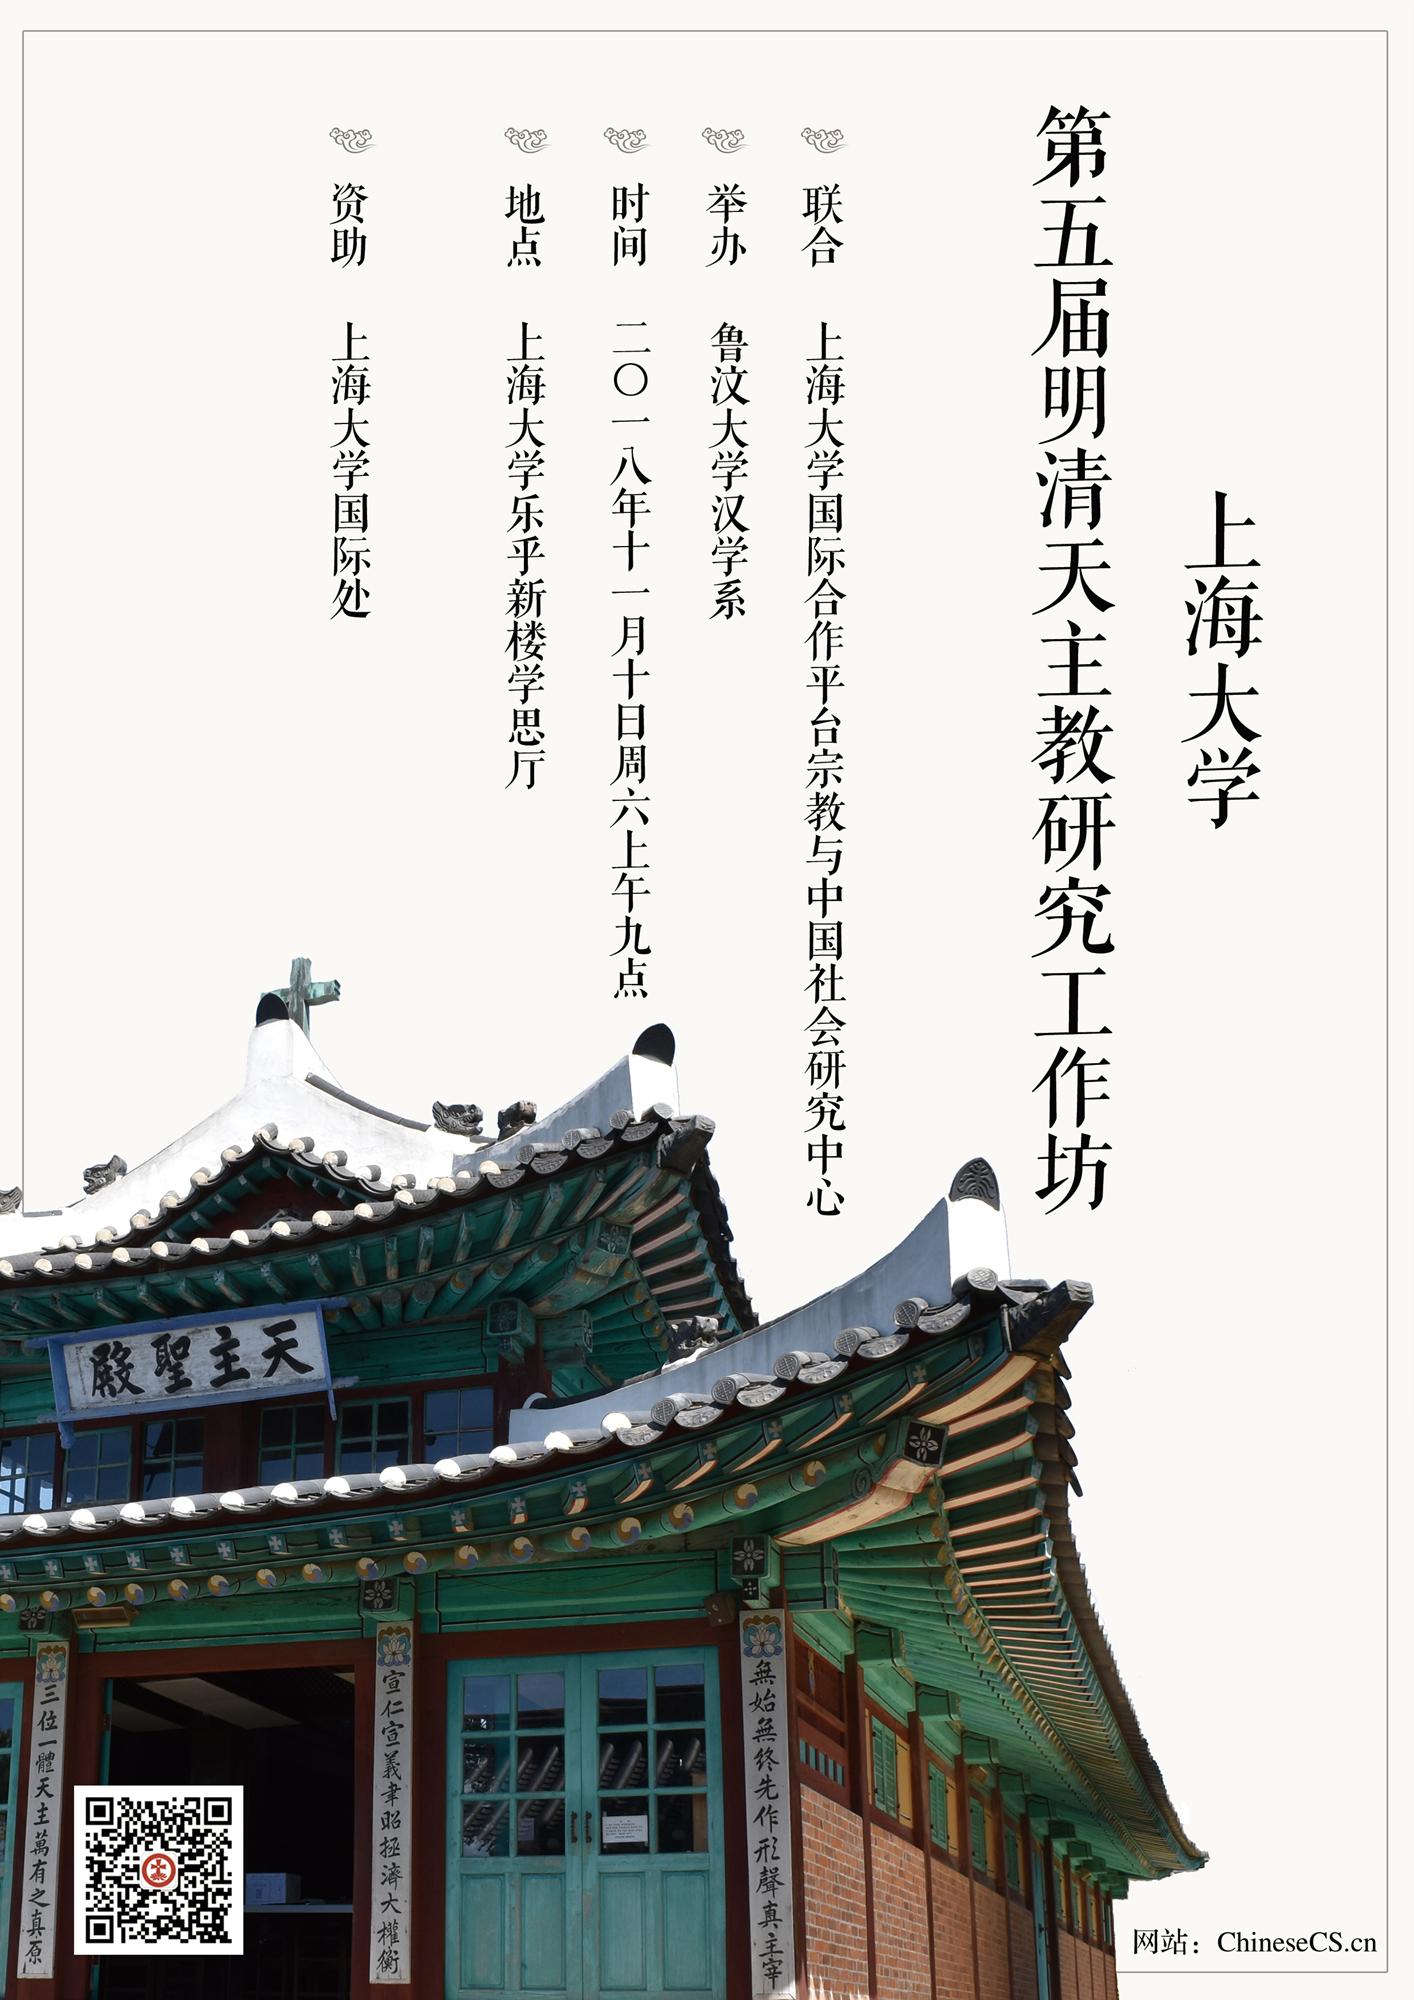 上海大学第五届明清天主教研究工作坊